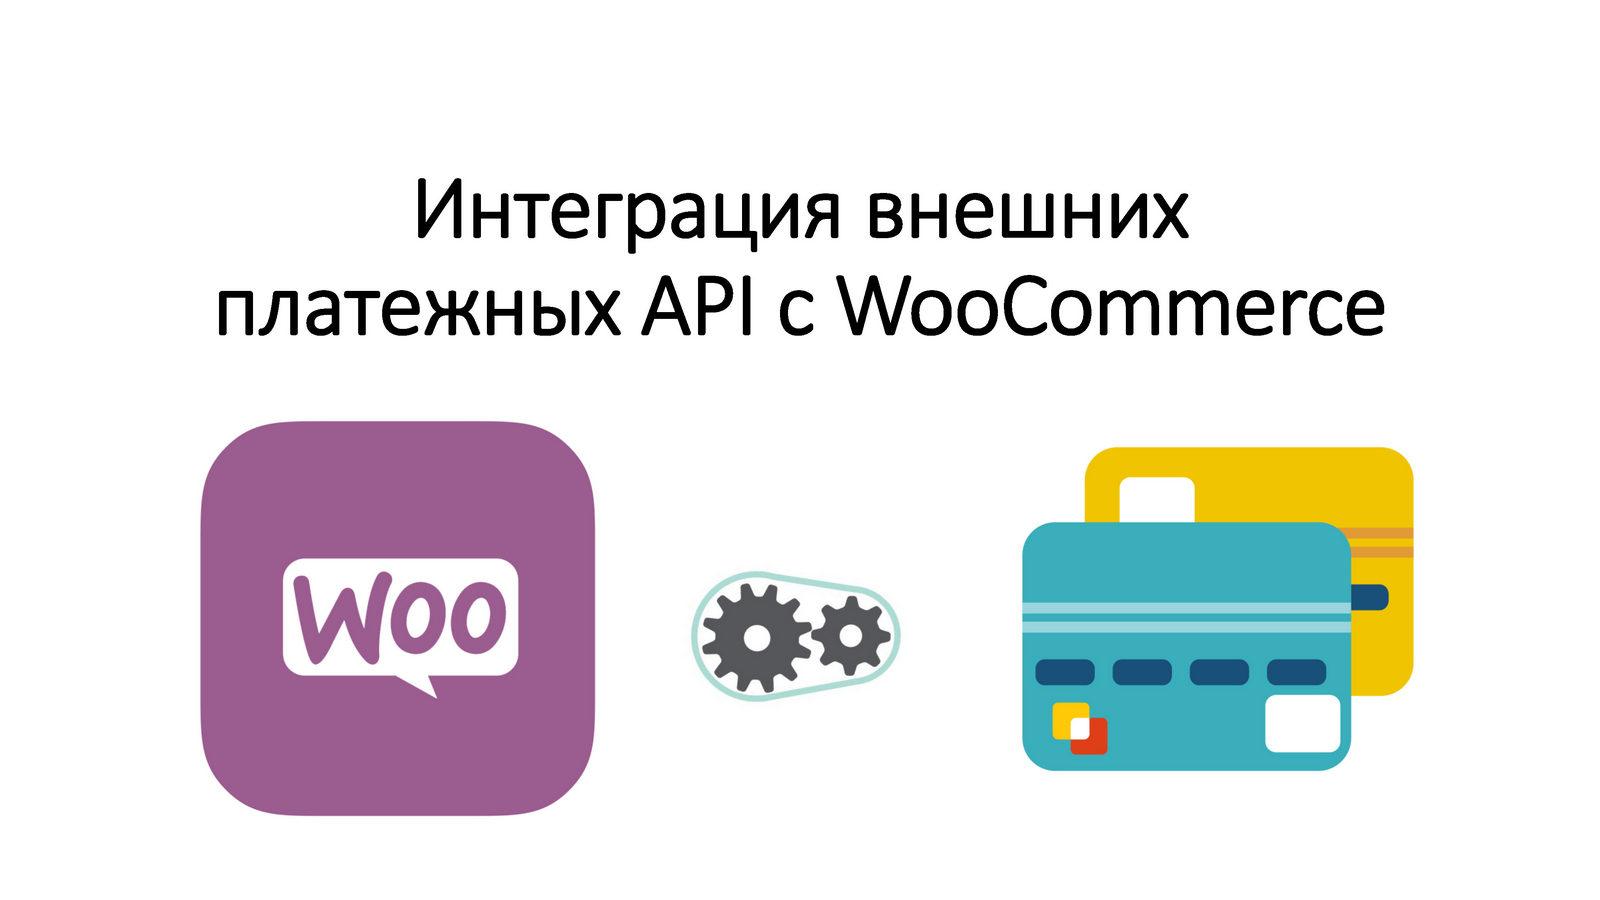 Антон-Дробышев-Интеграция-внешних-платежных-API-с-WooСommerce_Page_01